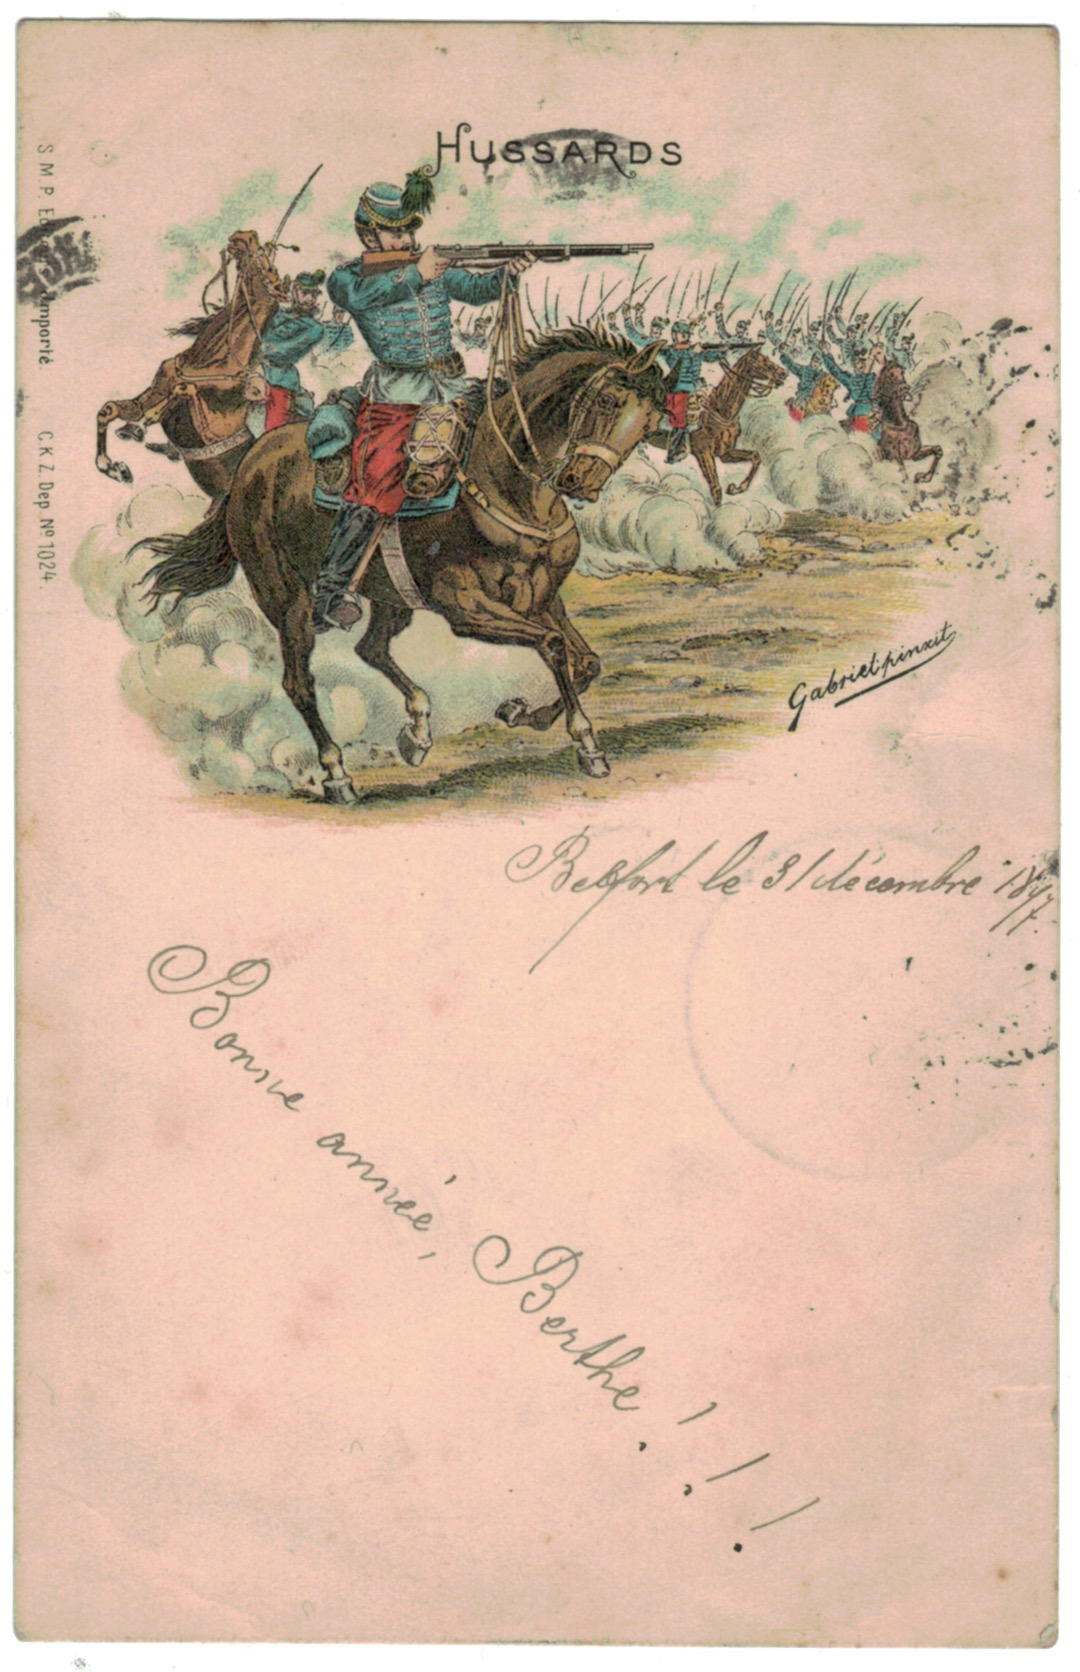 1 Carte Postale - Armée Française en campagne - Hussards - 1897